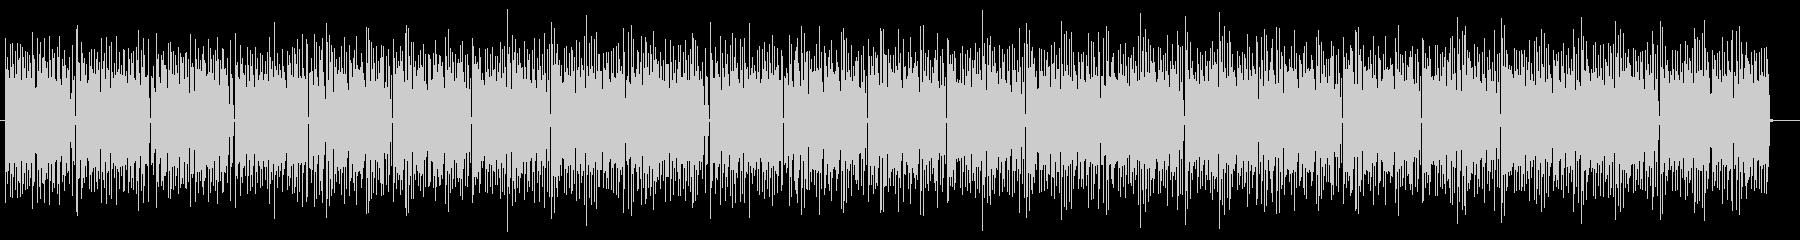 アップテンポなドラムが特徴のポップスの未再生の波形